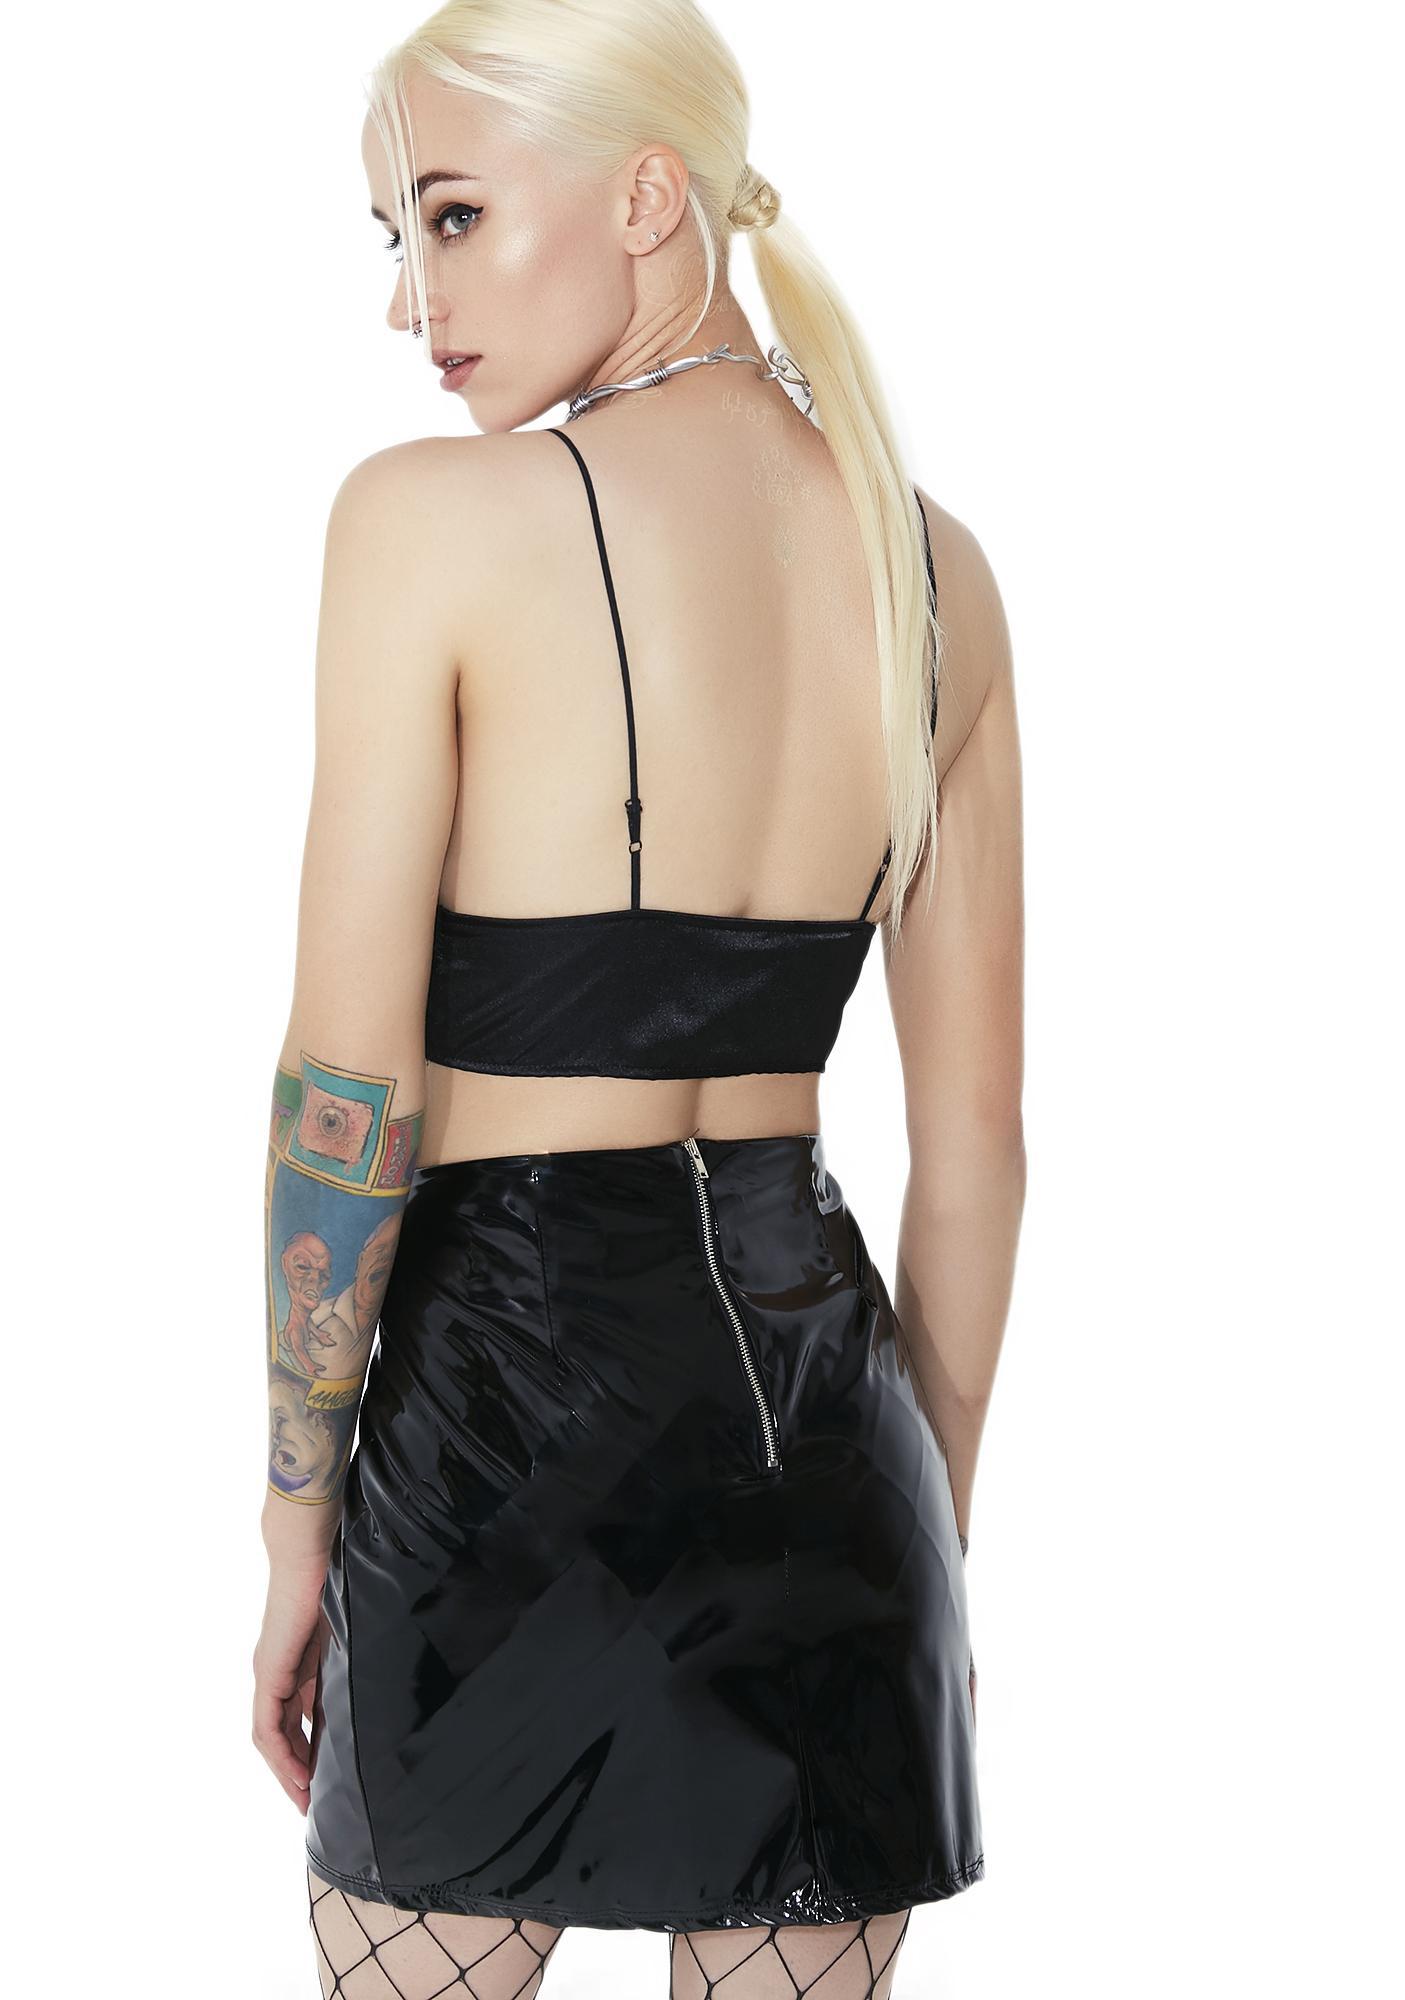 City Slicker Vinyl Mini Skirt